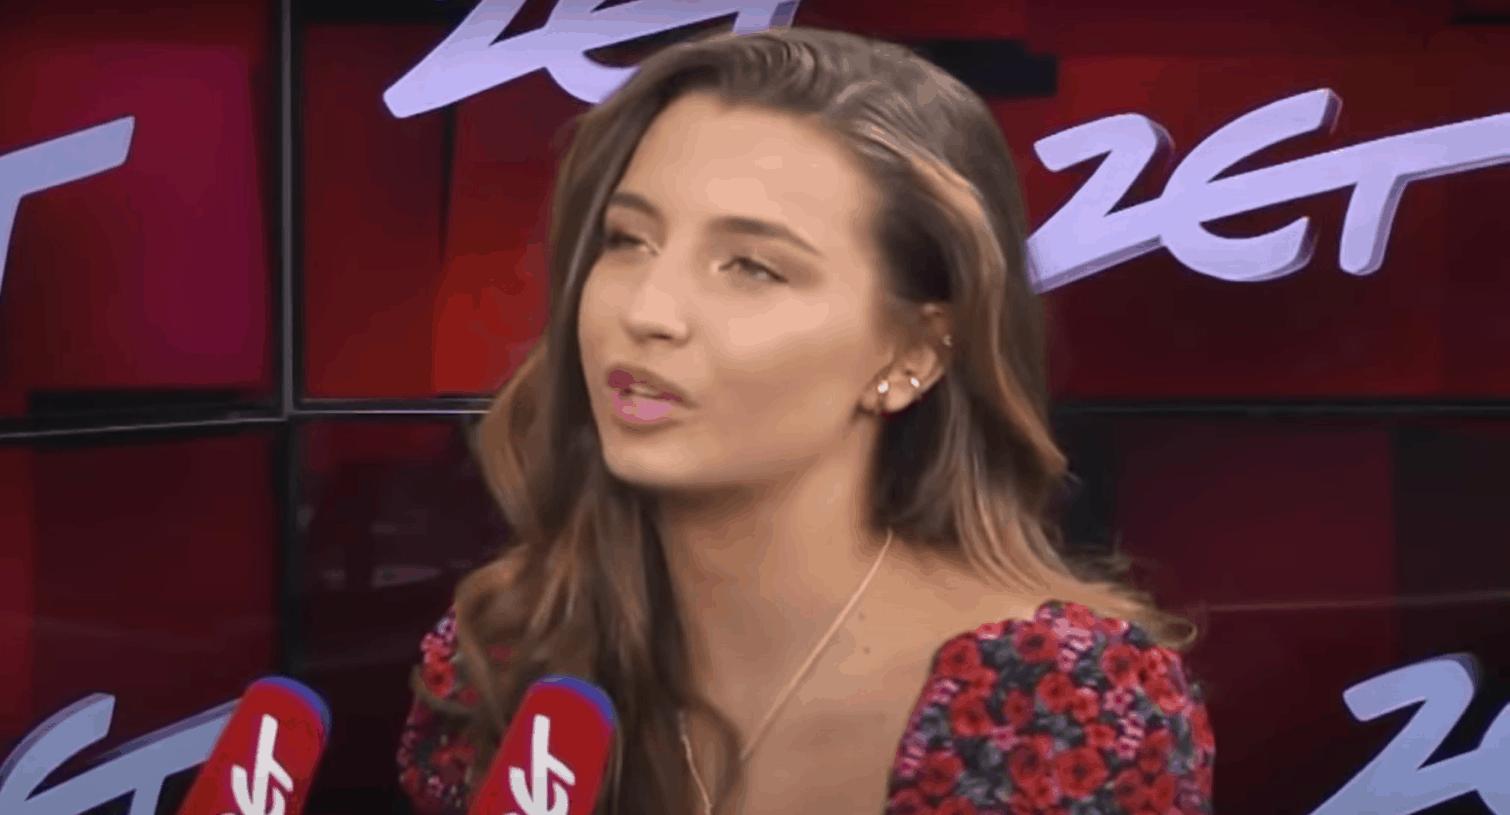 Julia Wieniawa w wyzwanie hot16challenge2 ostro wypowiedziała się na temat rządów PiS, złośliwi twierdzą że po tym straci pracę w TVP